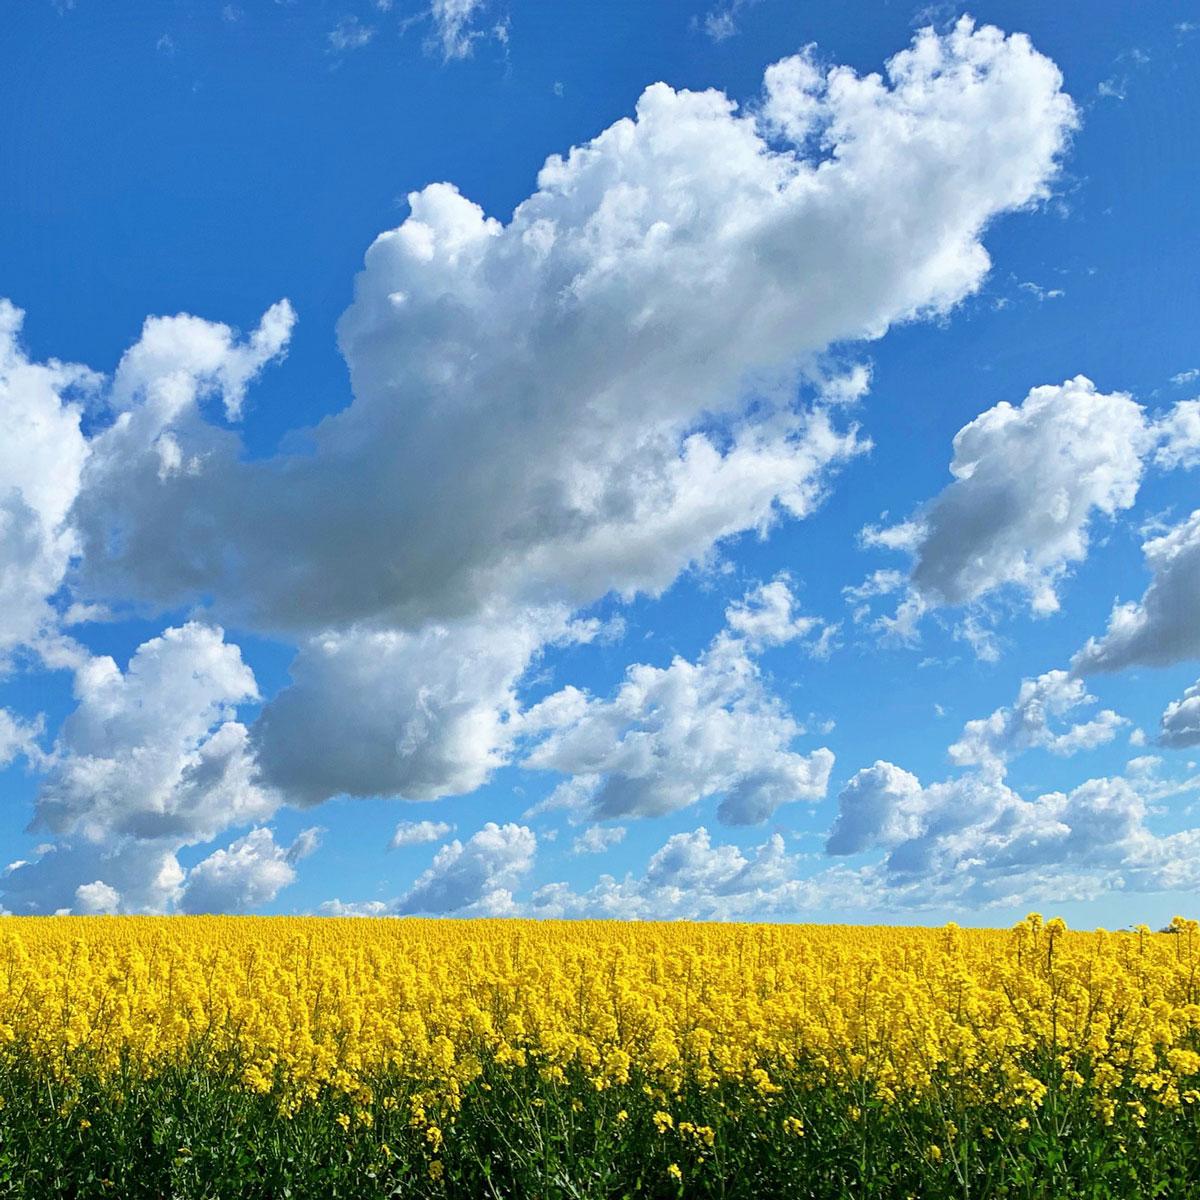 gula rapsfält mot blå himmel